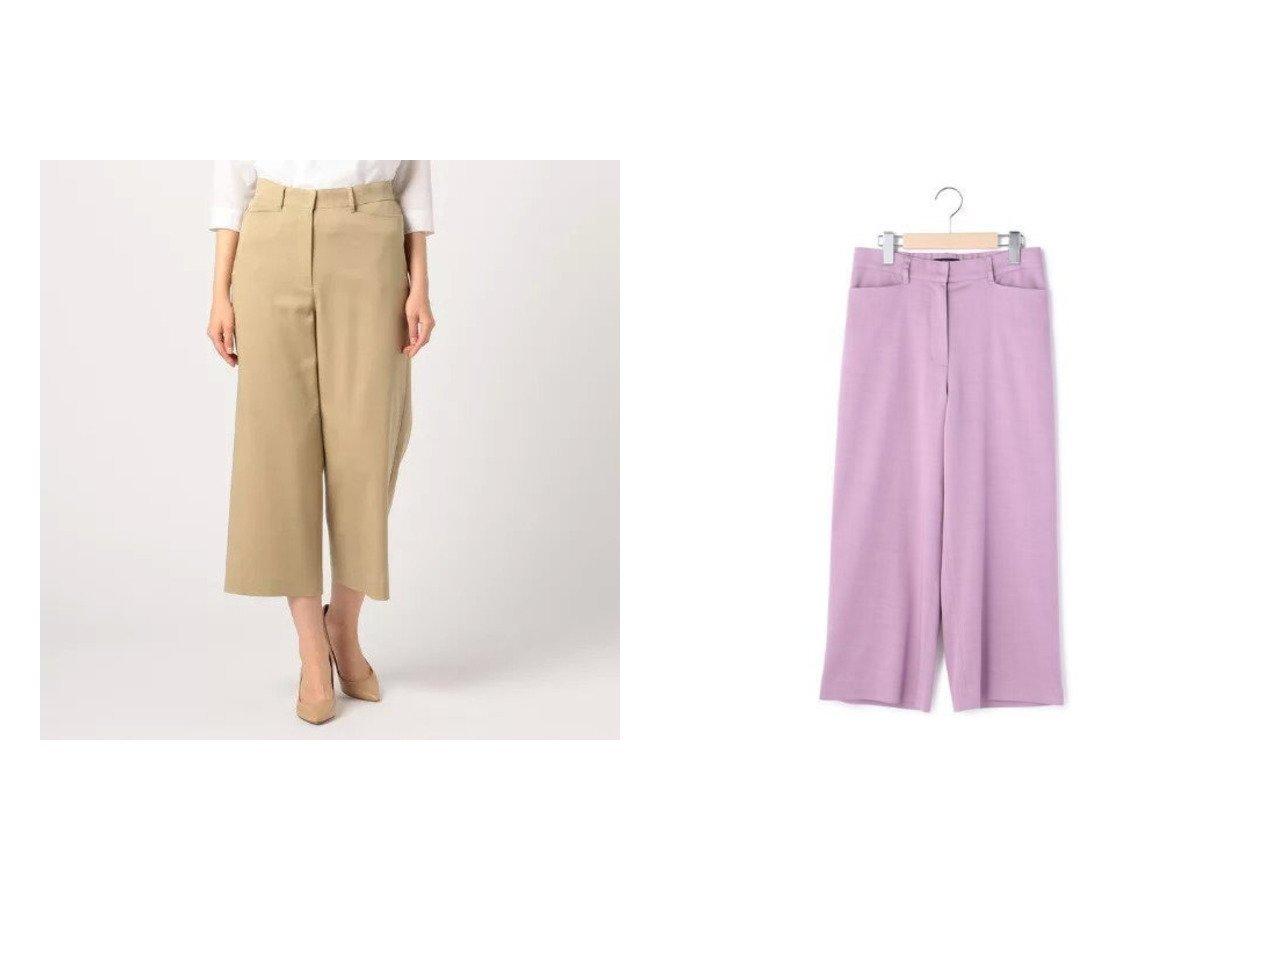 【KEITH/キース】のスプリングサージ パンツ パンツのおすすめ!人気、トレンド・レディースファッションの通販   レディースファッション・服の通販 founy(ファニー)